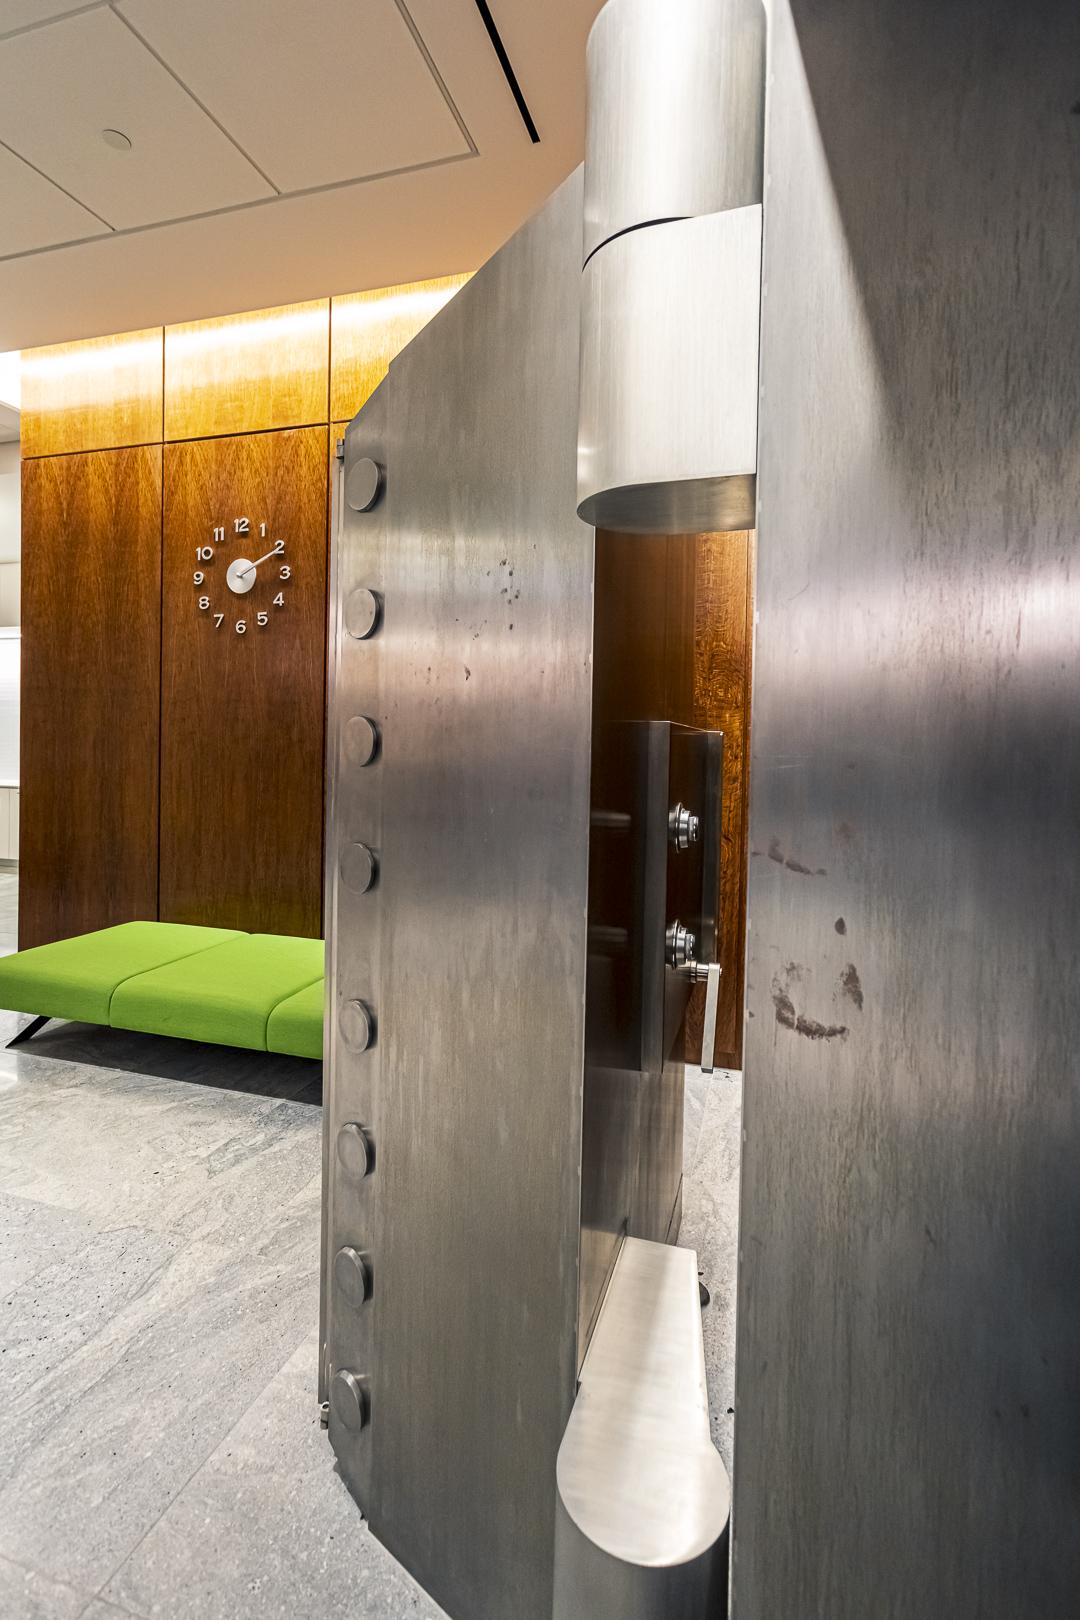 Doors Open - TD Bank